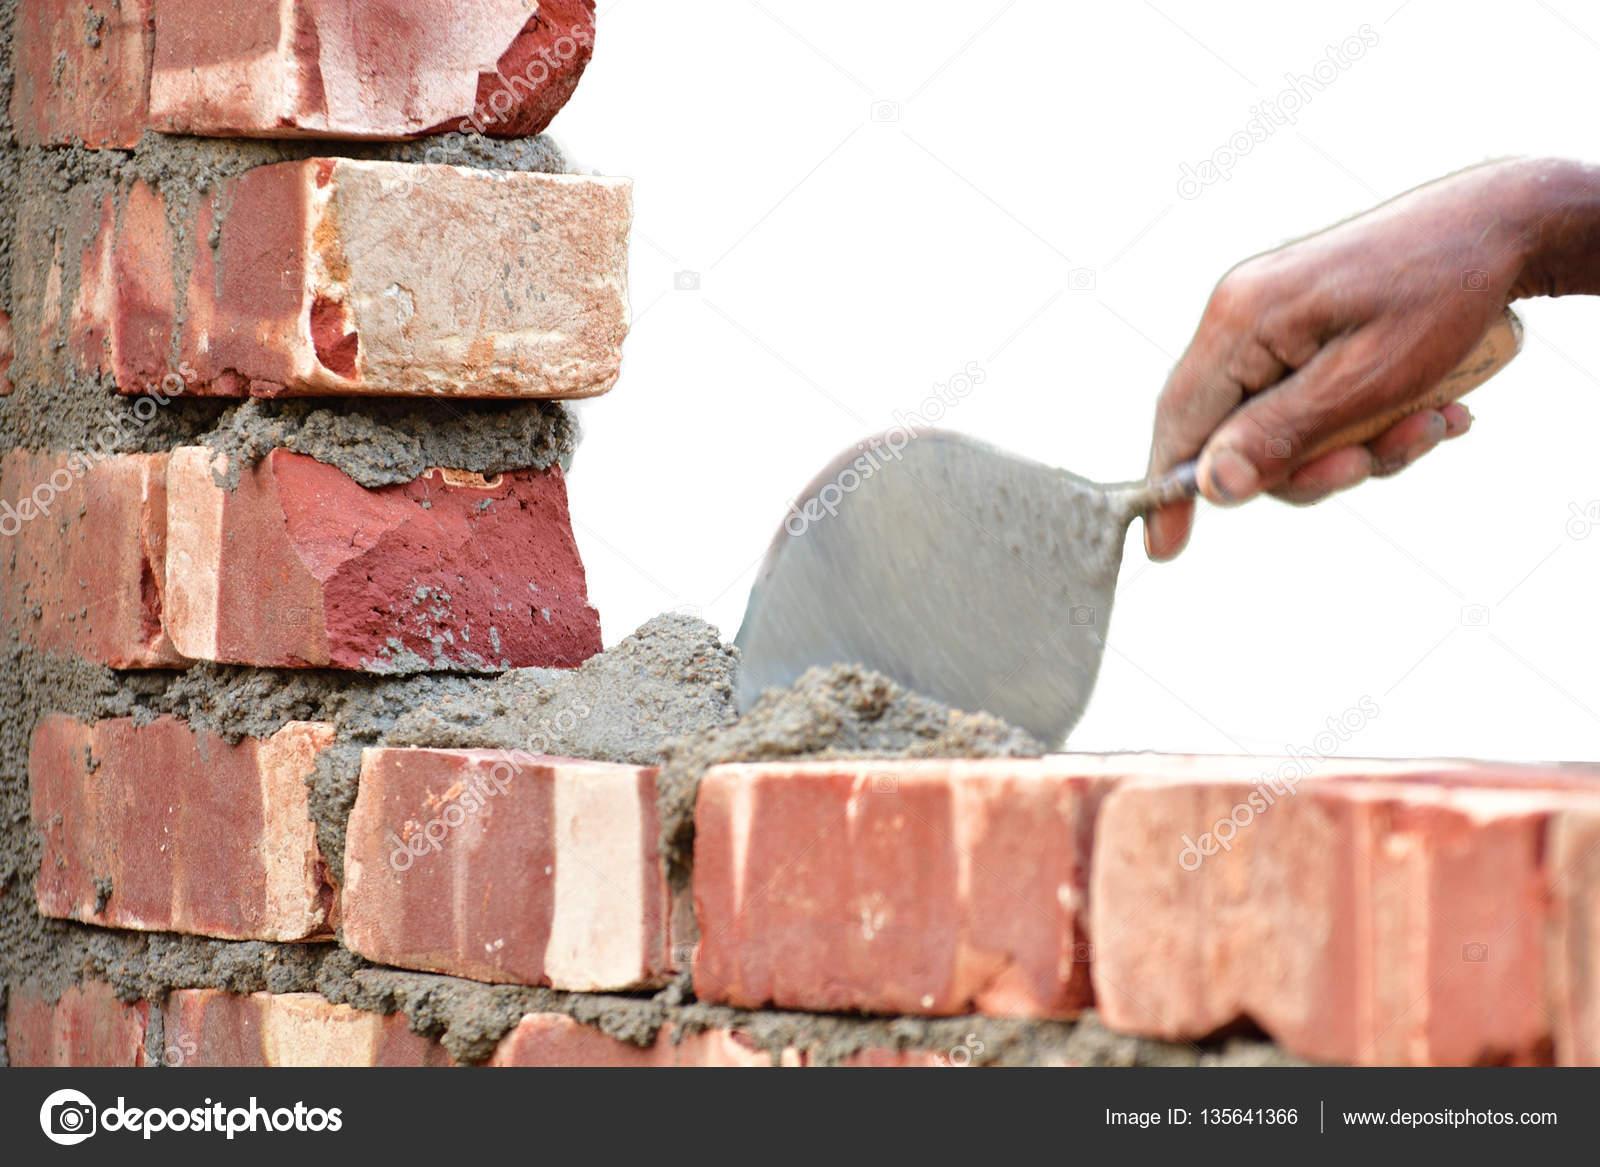 bauen sie eine mauer — stockfoto © sbhaumik #135641366